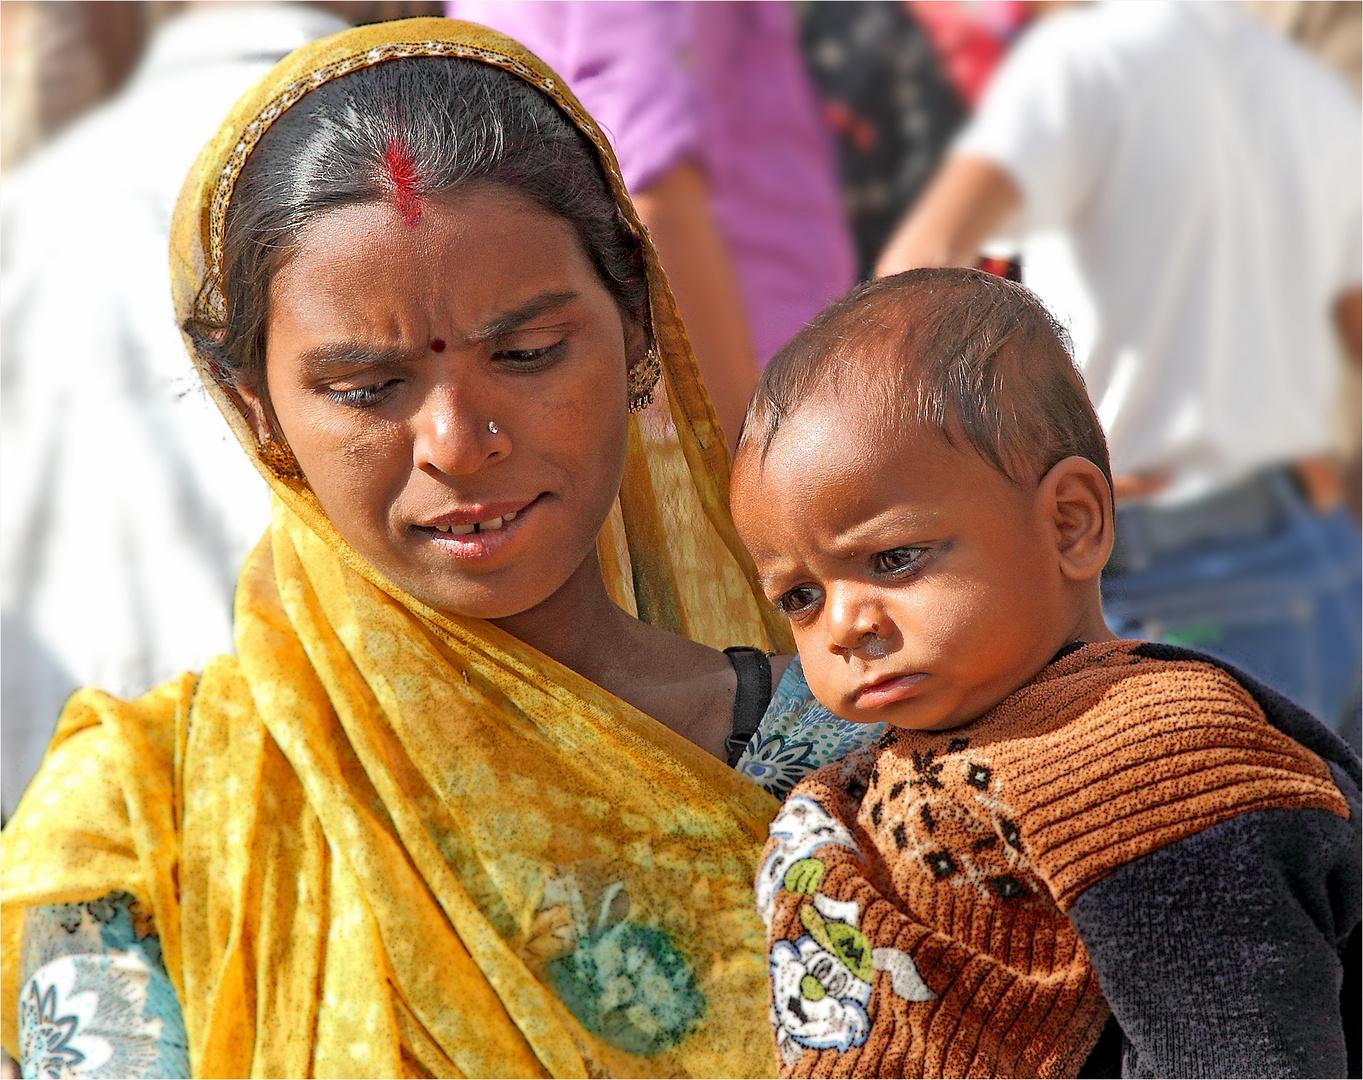 Mutter mit Kind am Markt in Jodhpur